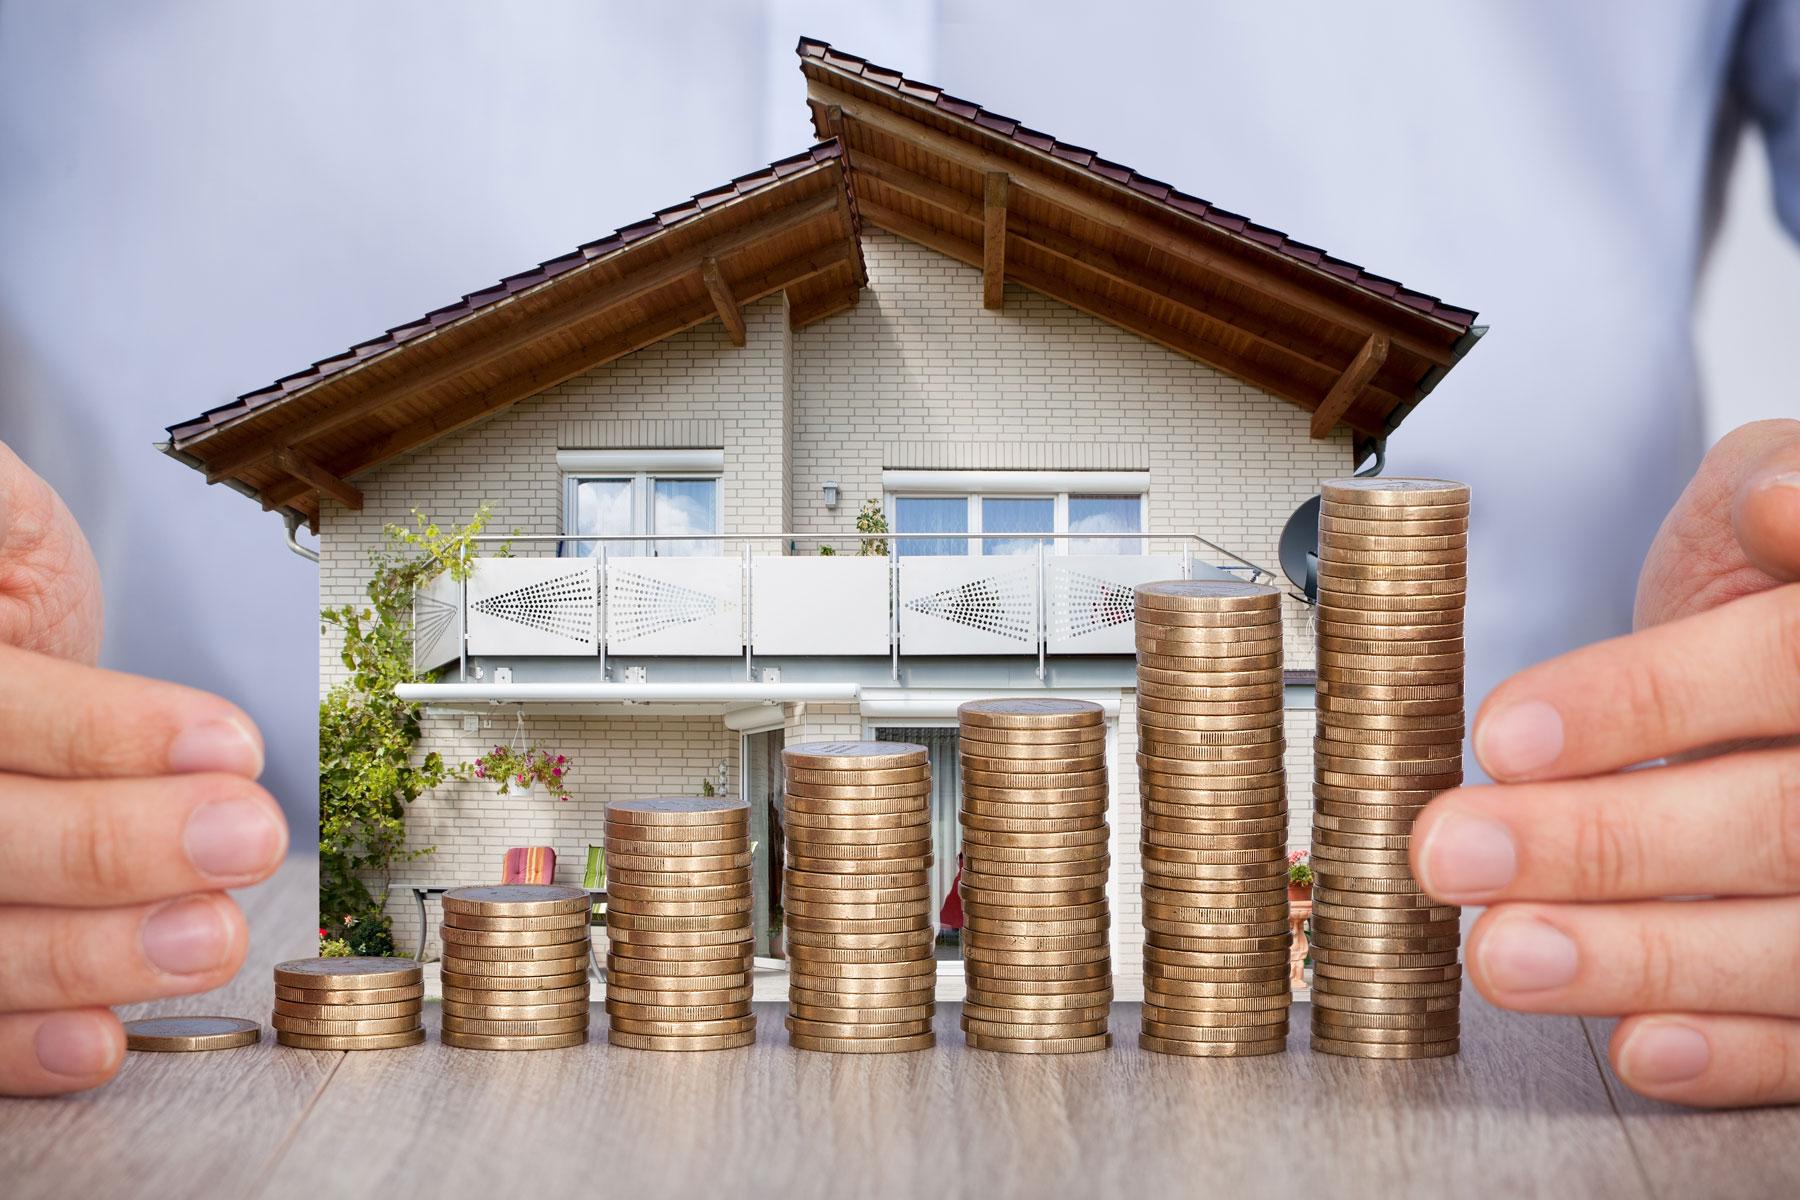 Modell von Haus mit Münzen